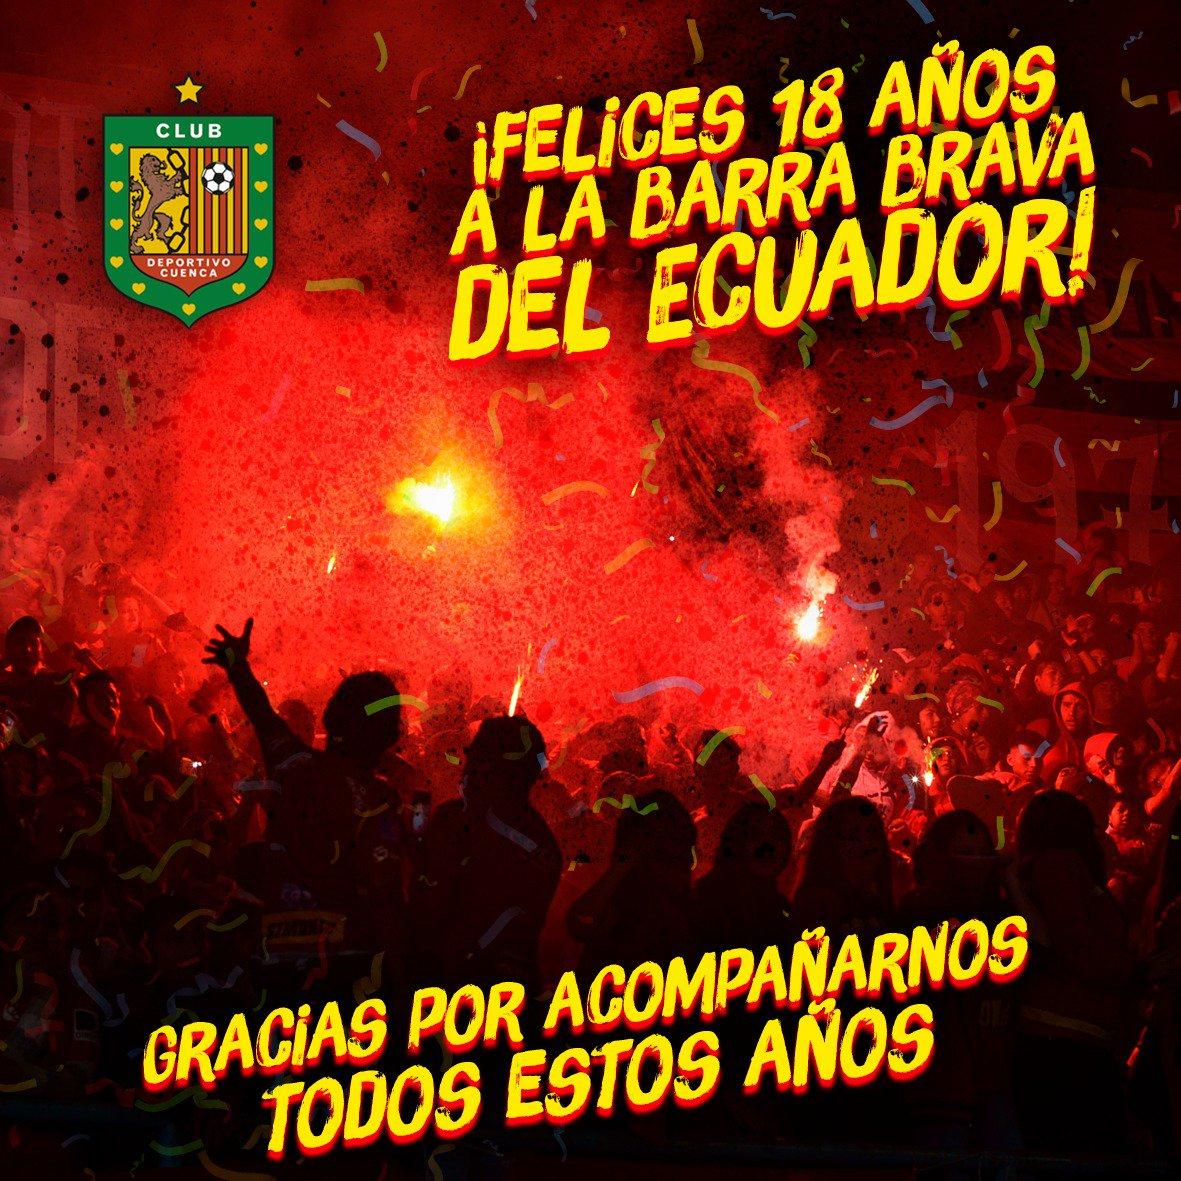 Hoy la CRÓNICA ROJA cumple 18 años. 🎉 Felicitamos a la barra brava del Ecuador y les damos gracias por acompañarnos durante todos estos años en cada partido, por hacer temblar cada estadio en el que hemos jugado, por sus gritos de aliento y apoyo. 🔴⚫ ¡Felicidades amigos! ⚽💪🏼